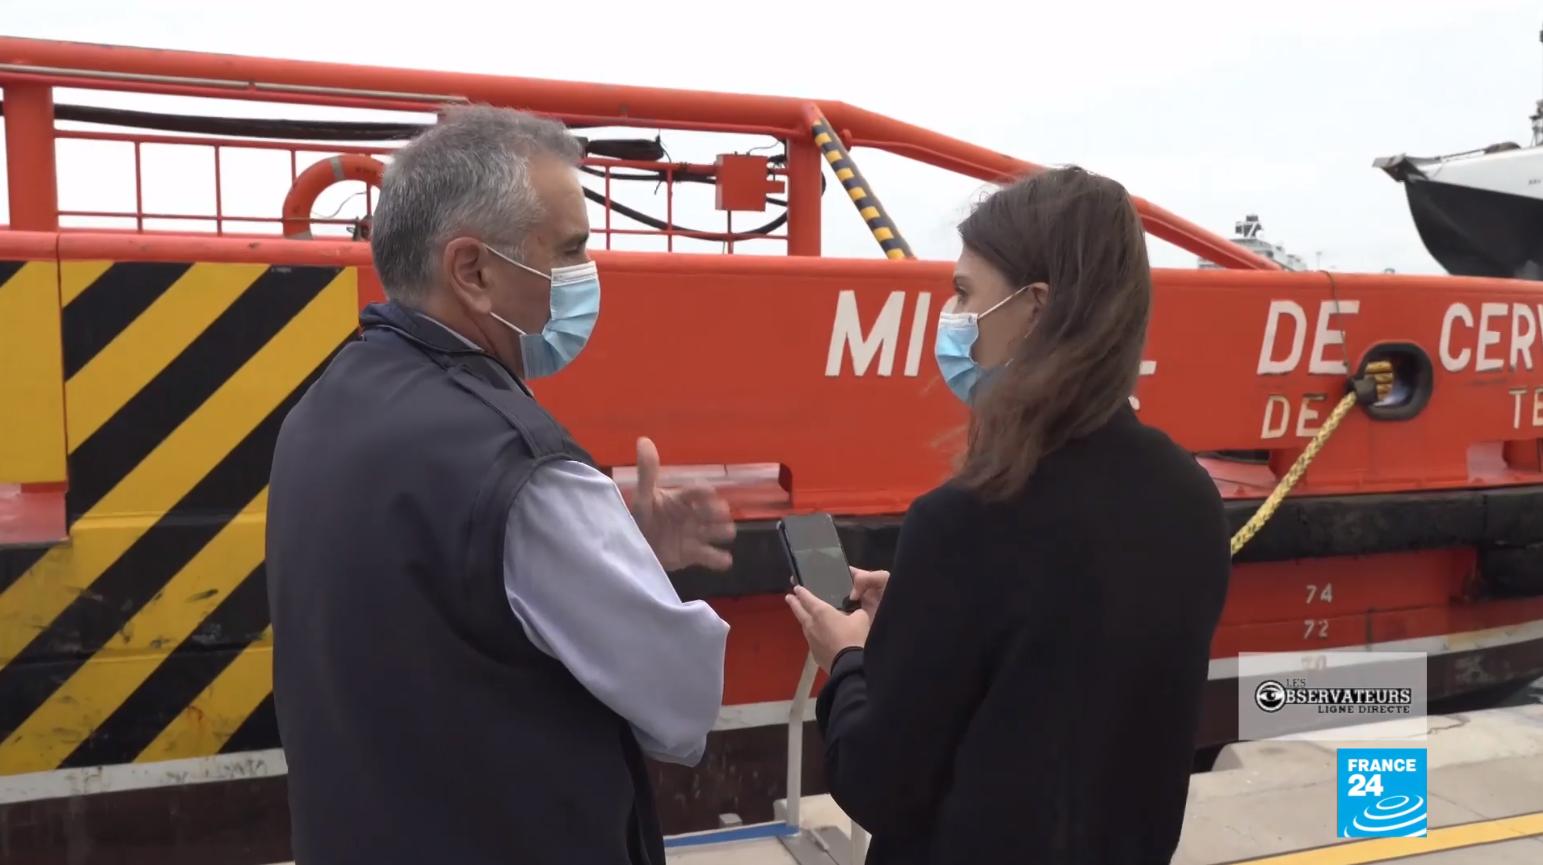 Roberto Basterreche, chef du centre de coordination des secours du Salvamento Marítimo à Las Palmas, explique les dangers des traversées vers les Canaries dans notre dernier numéro de Ligne Directe.